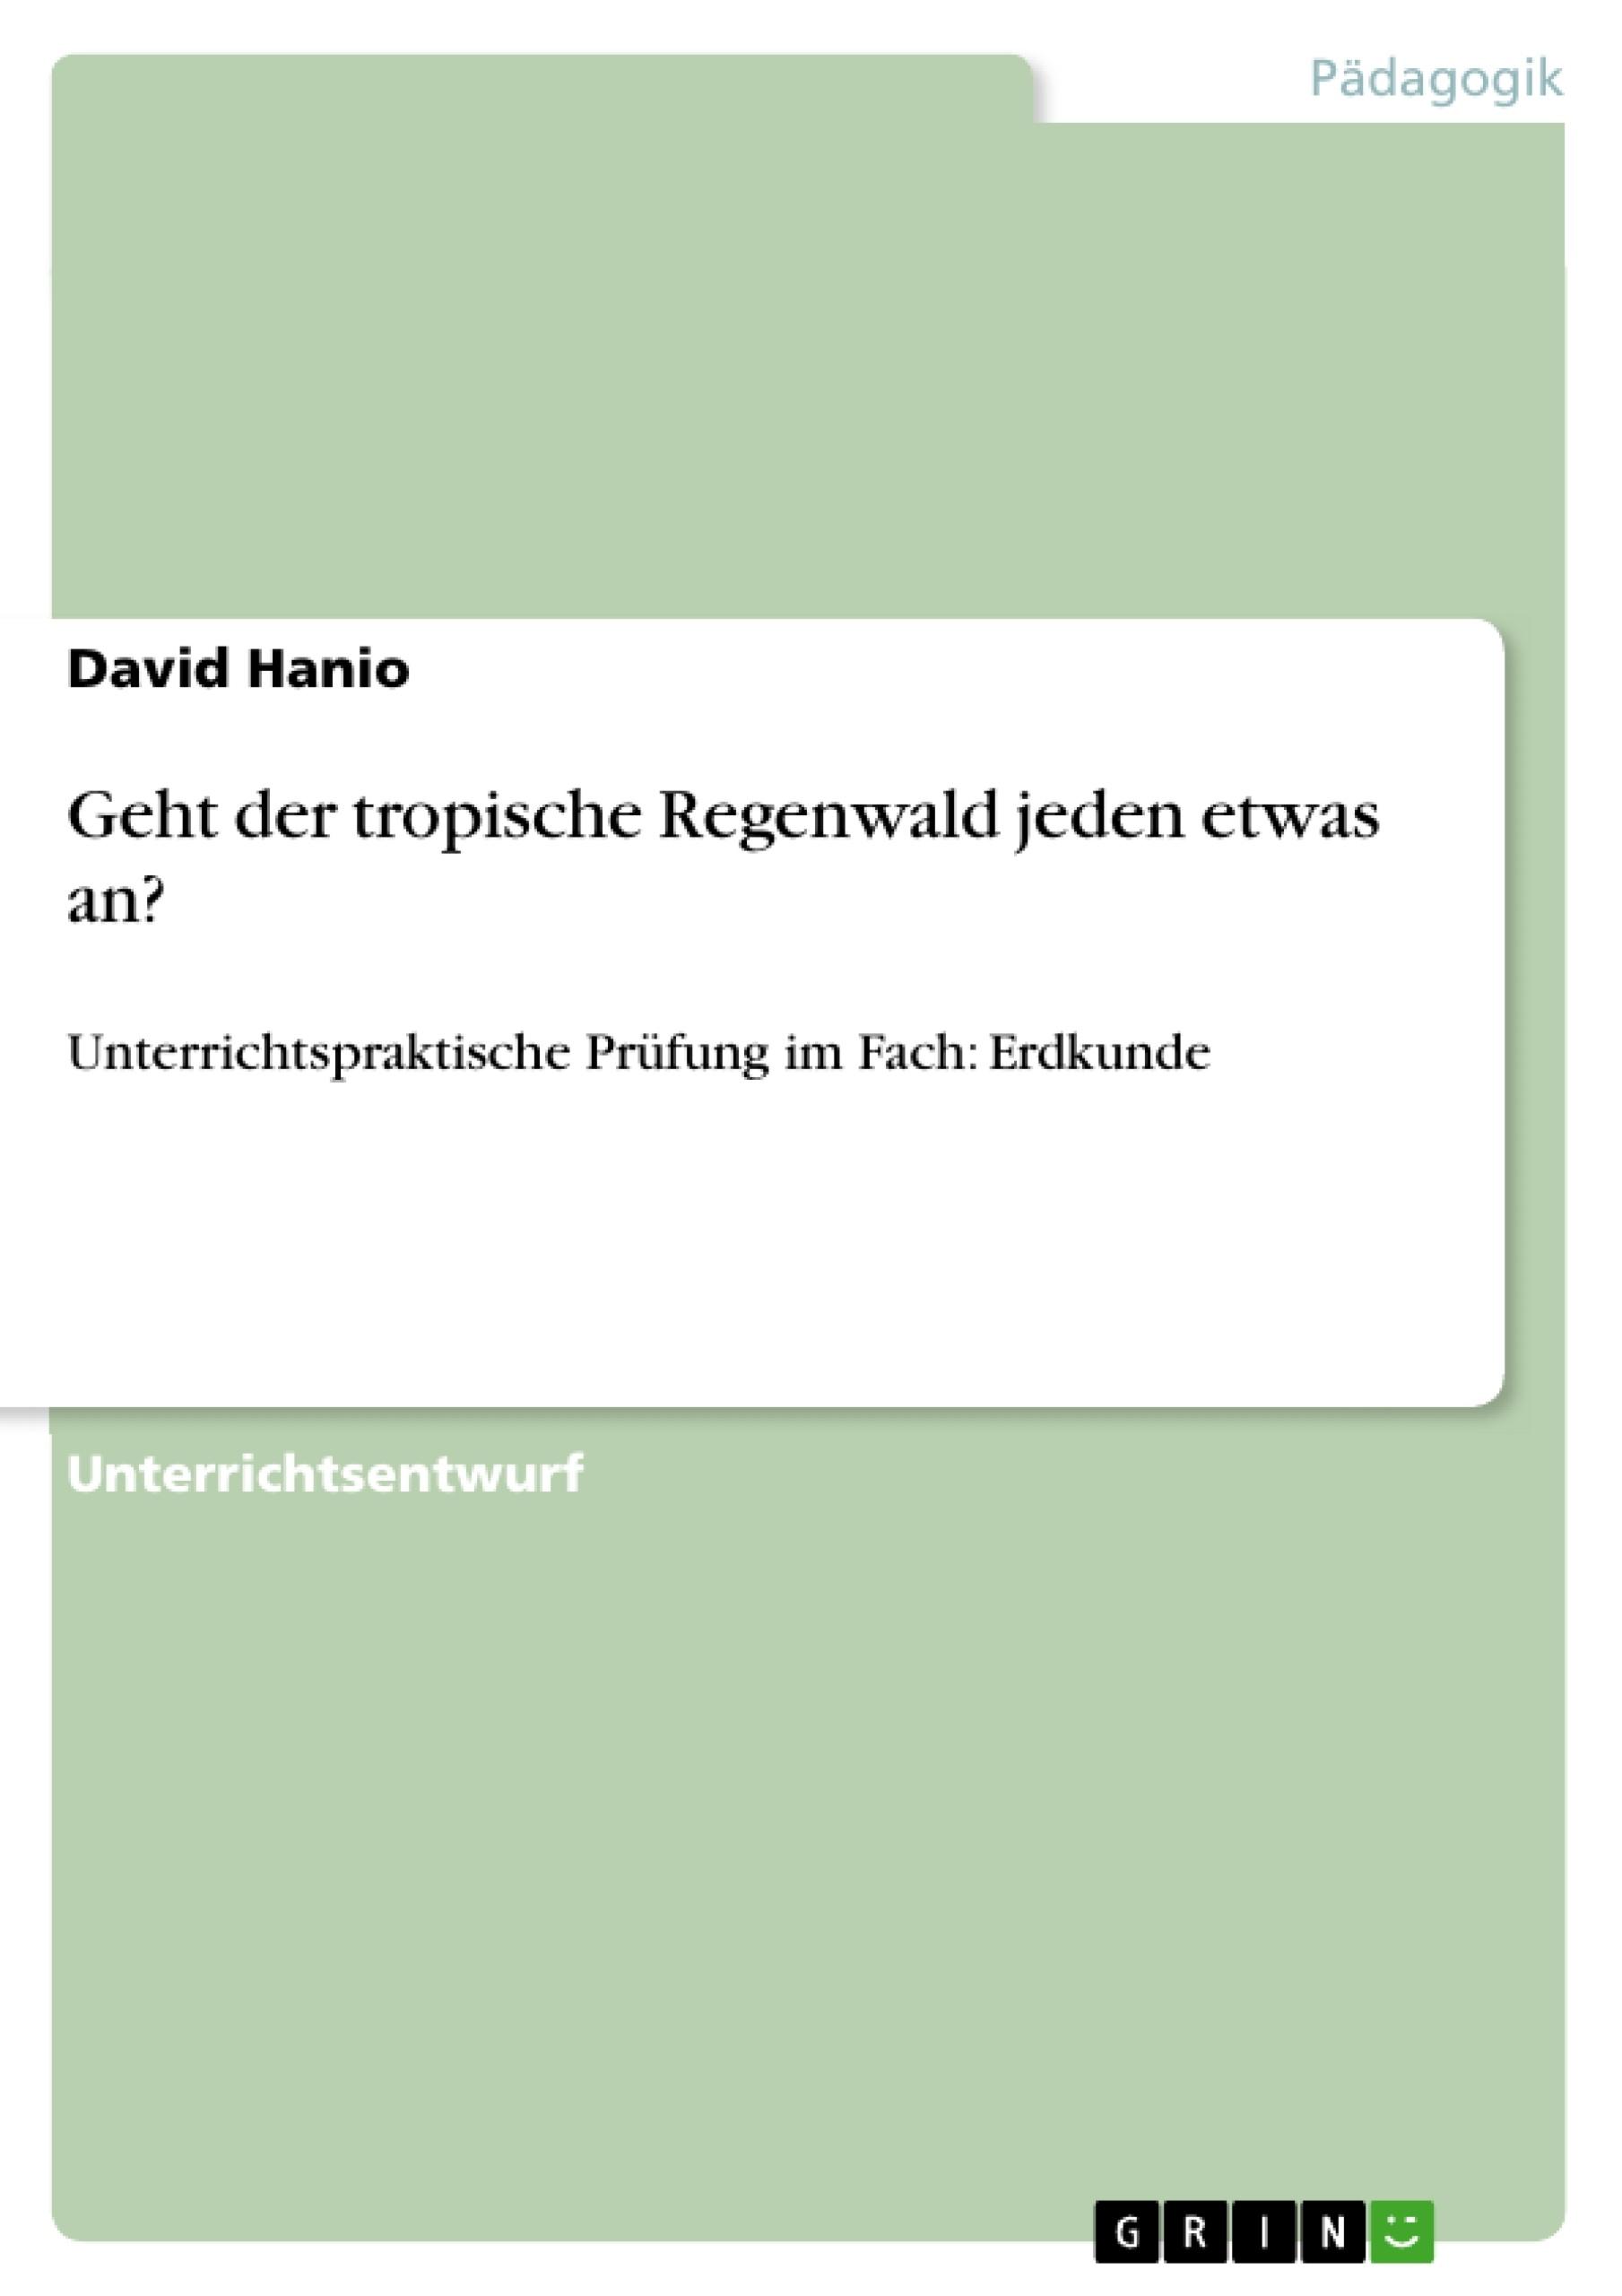 Titel: Geht der tropische Regenwald jeden etwas an? Erarbeitung und Beurteilung der landwirtschaftlichen Nutzung eines gefährdeten Ökosystems unter Berücksichtigung des eigenen räumlichen Handelns